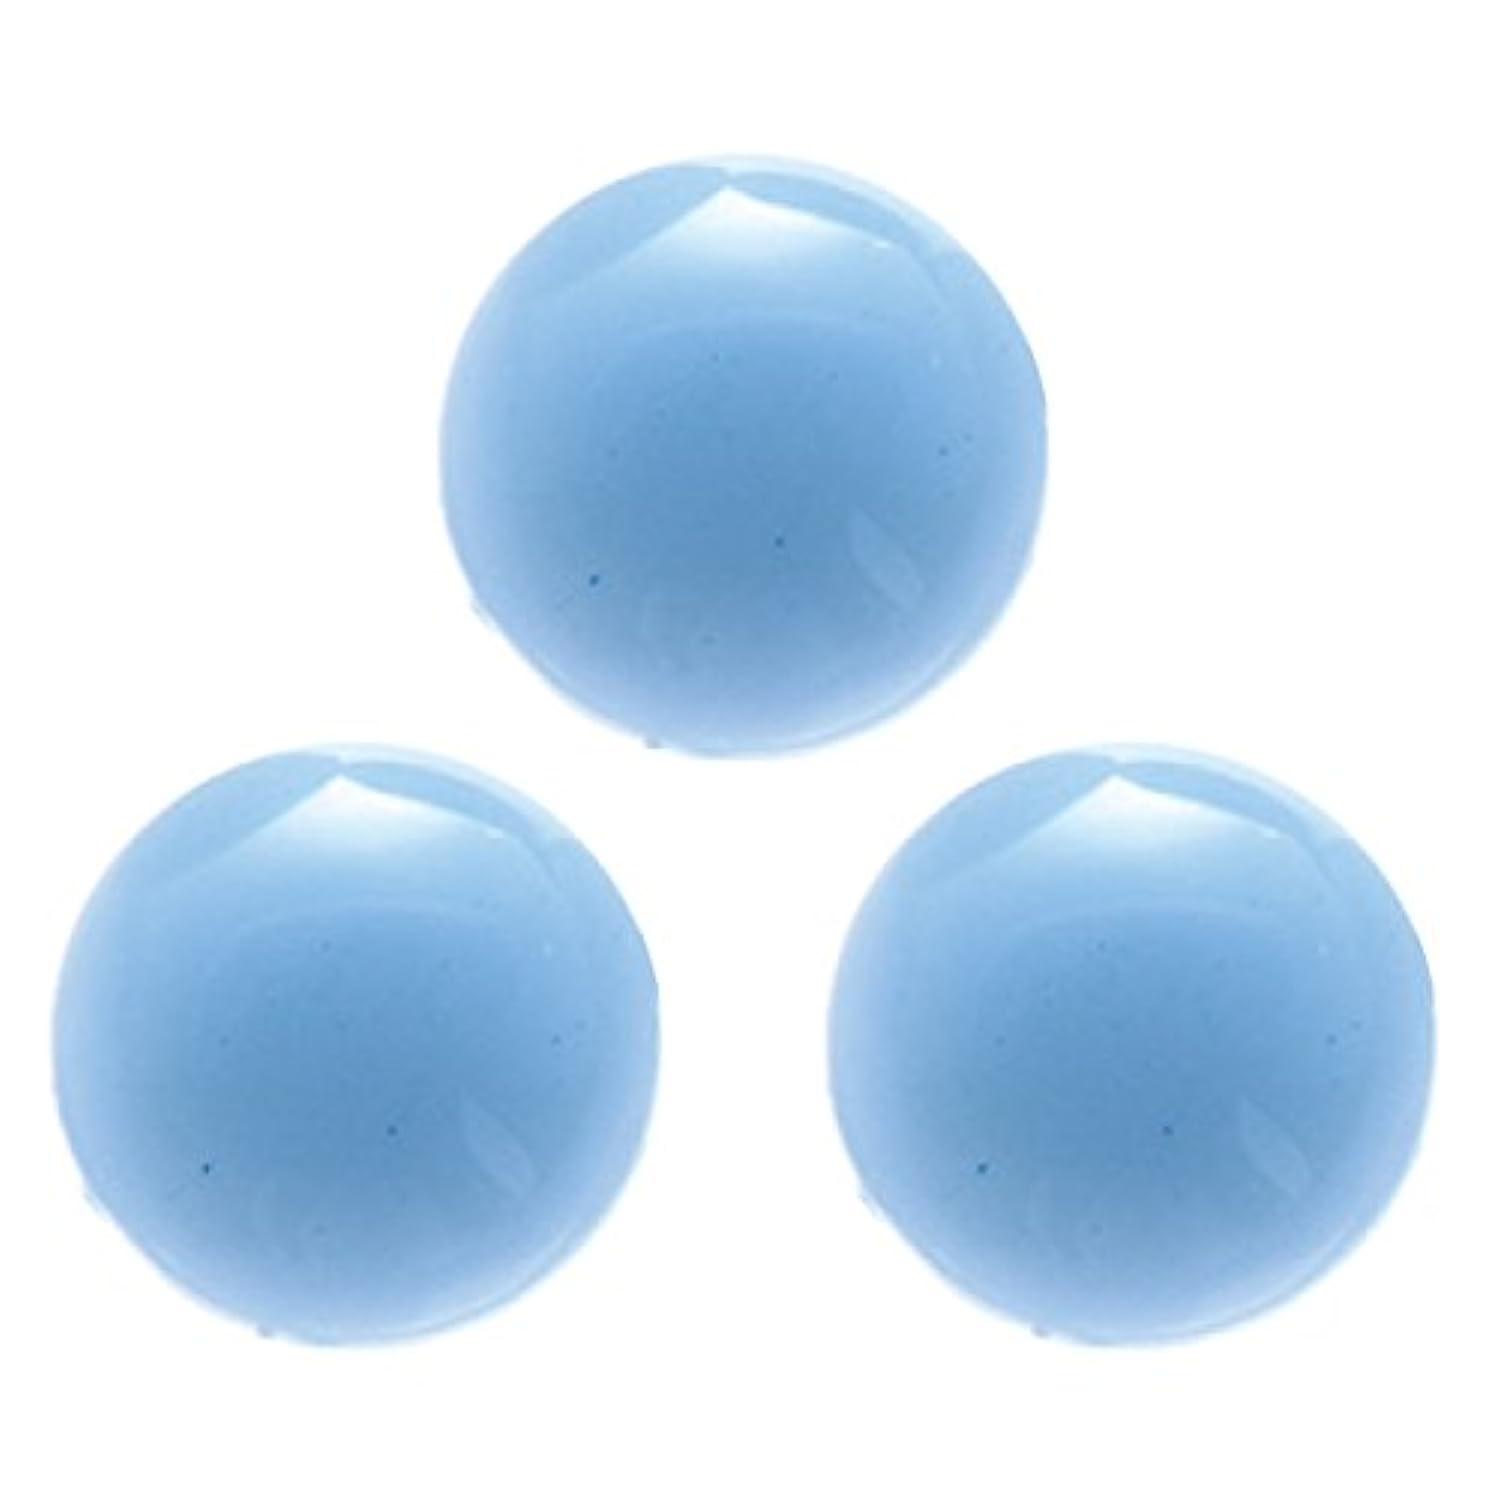 何でもラケットポーズ<エトゥベラ>オパールストーン ラウンド 3mm ブルー